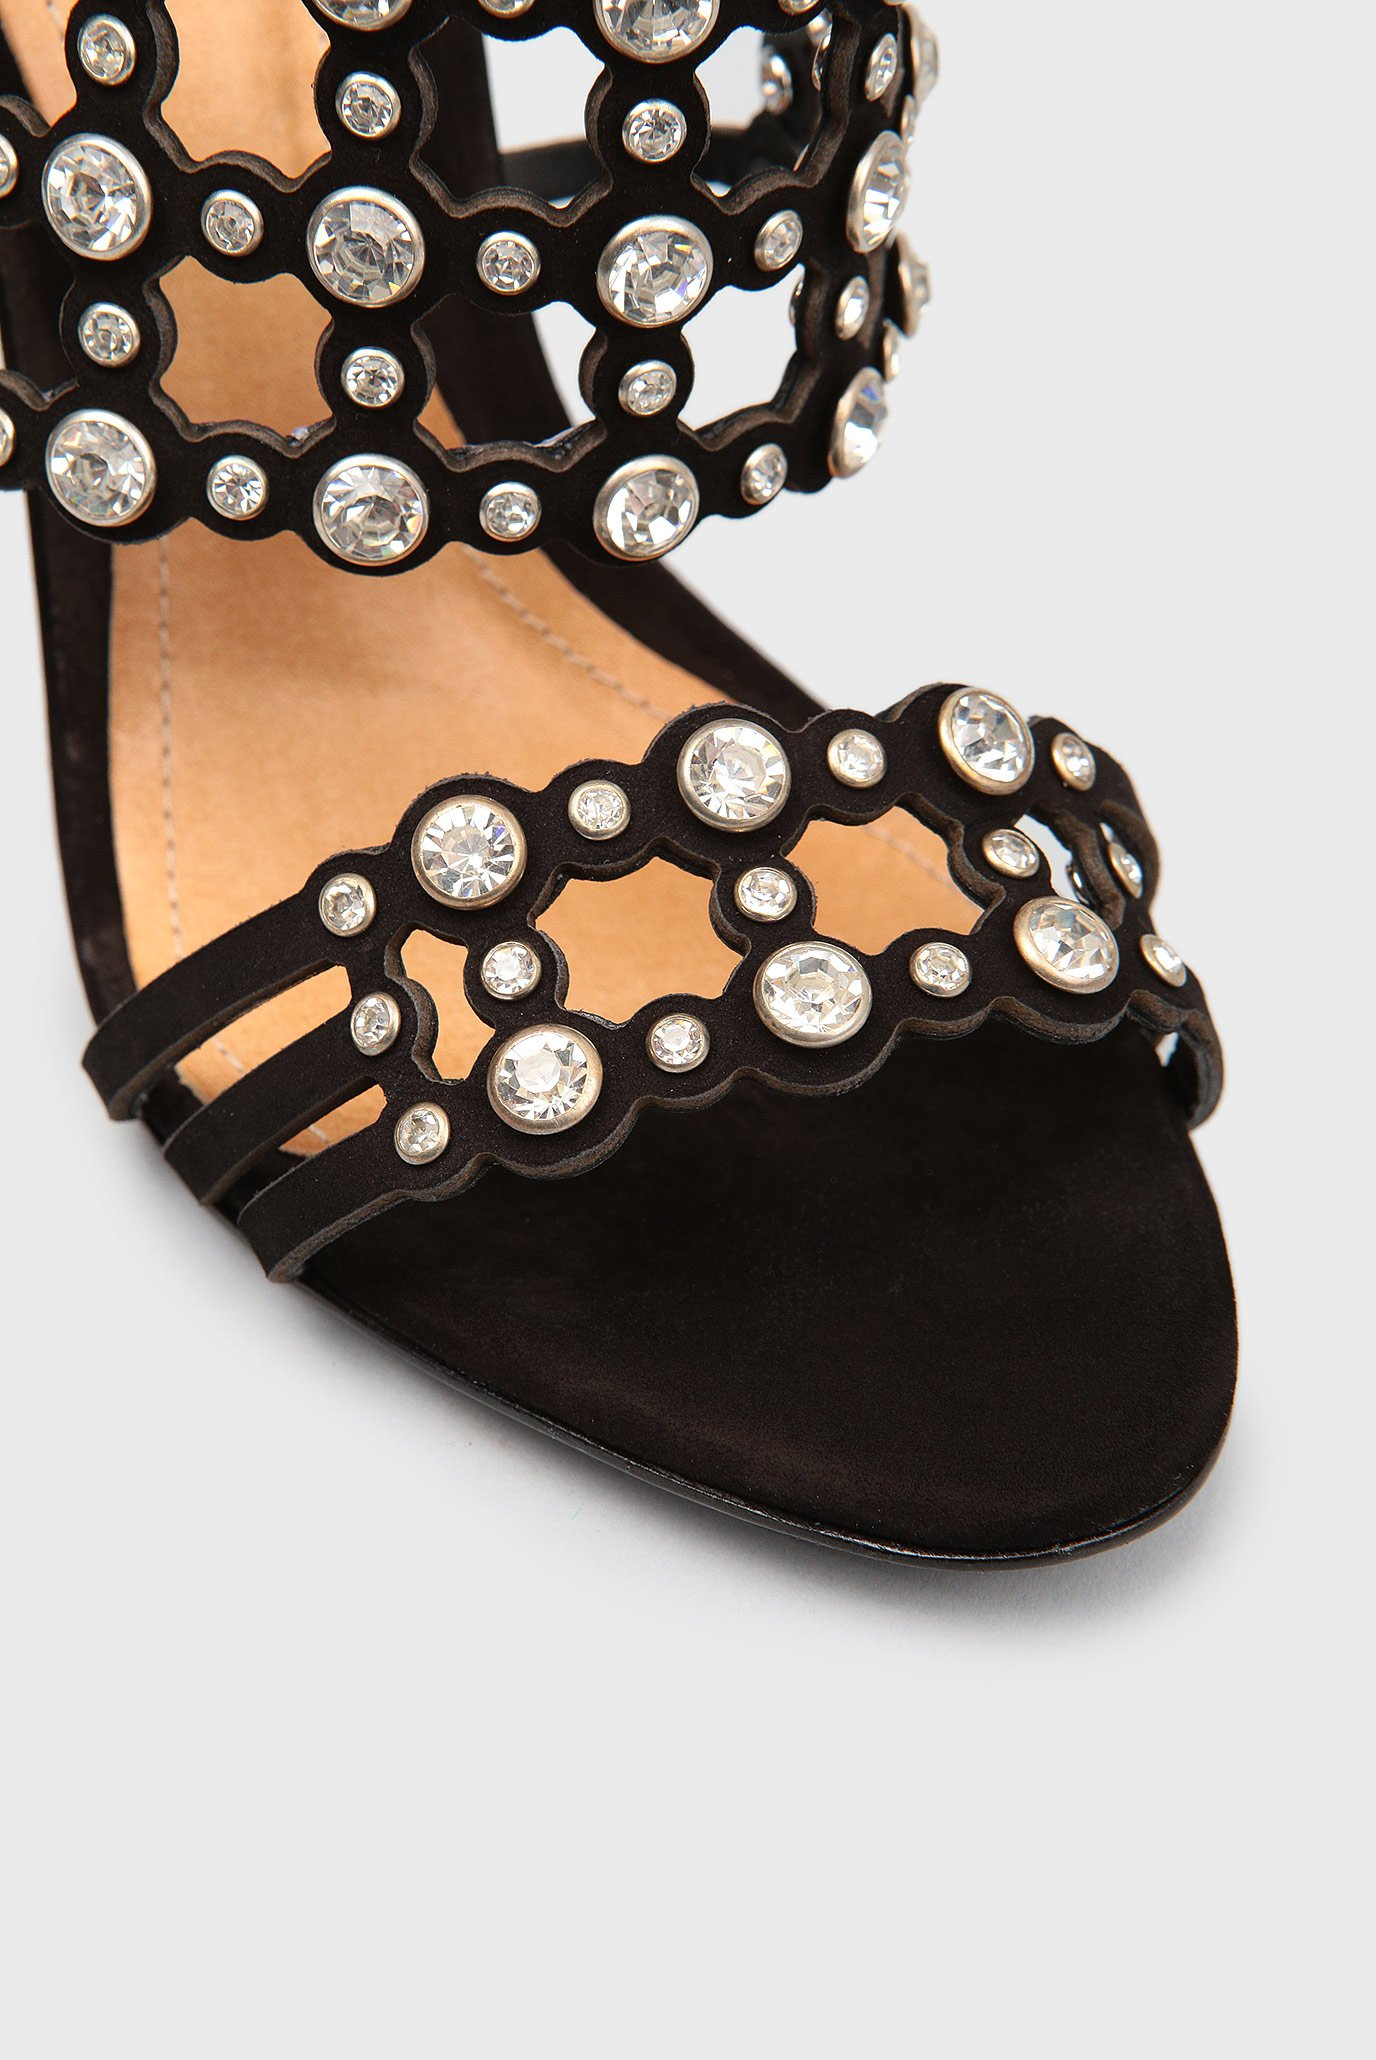 Купить Женские черные кожаные босоножки с кристаллами Schutz  Schutz  S0138712390001 – Киев, Украина. Цены в интернет магазине MD Fashion